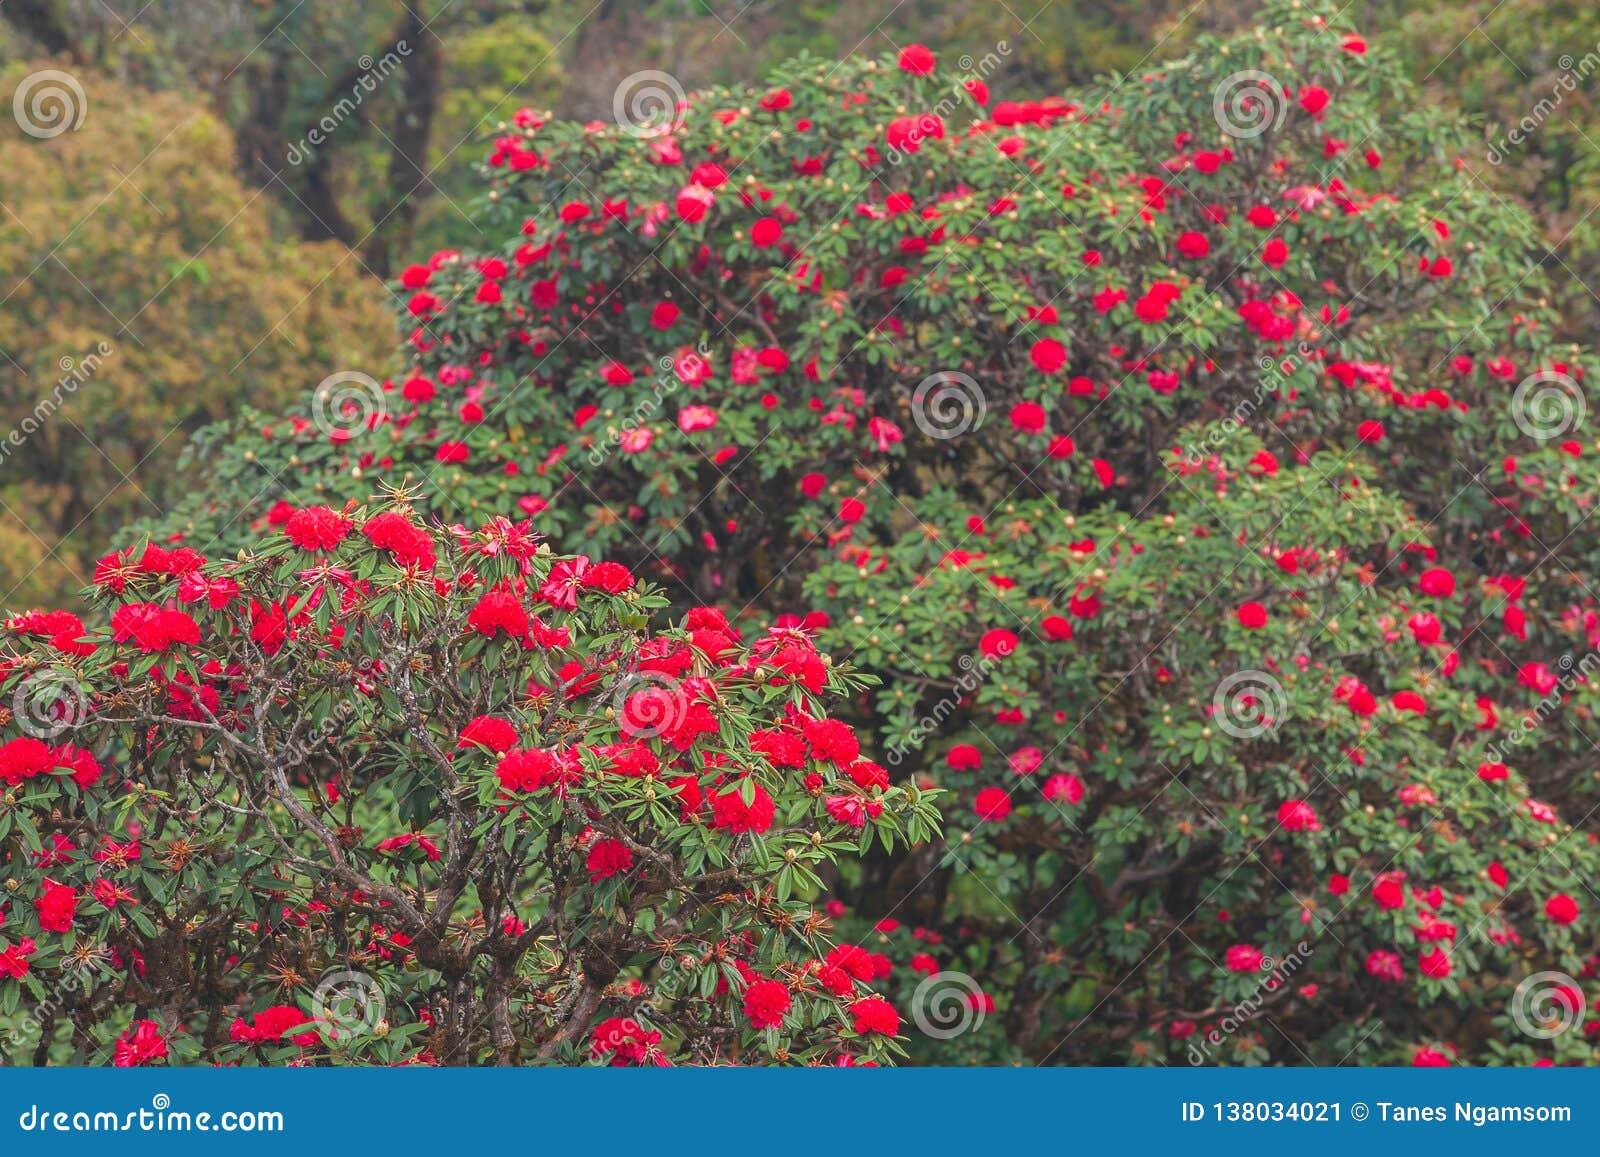 Paesaggio scenico luminoso con la fioritura fresca del fiore rosso antico del rododendro sulla luce di mattina Stagione specifica